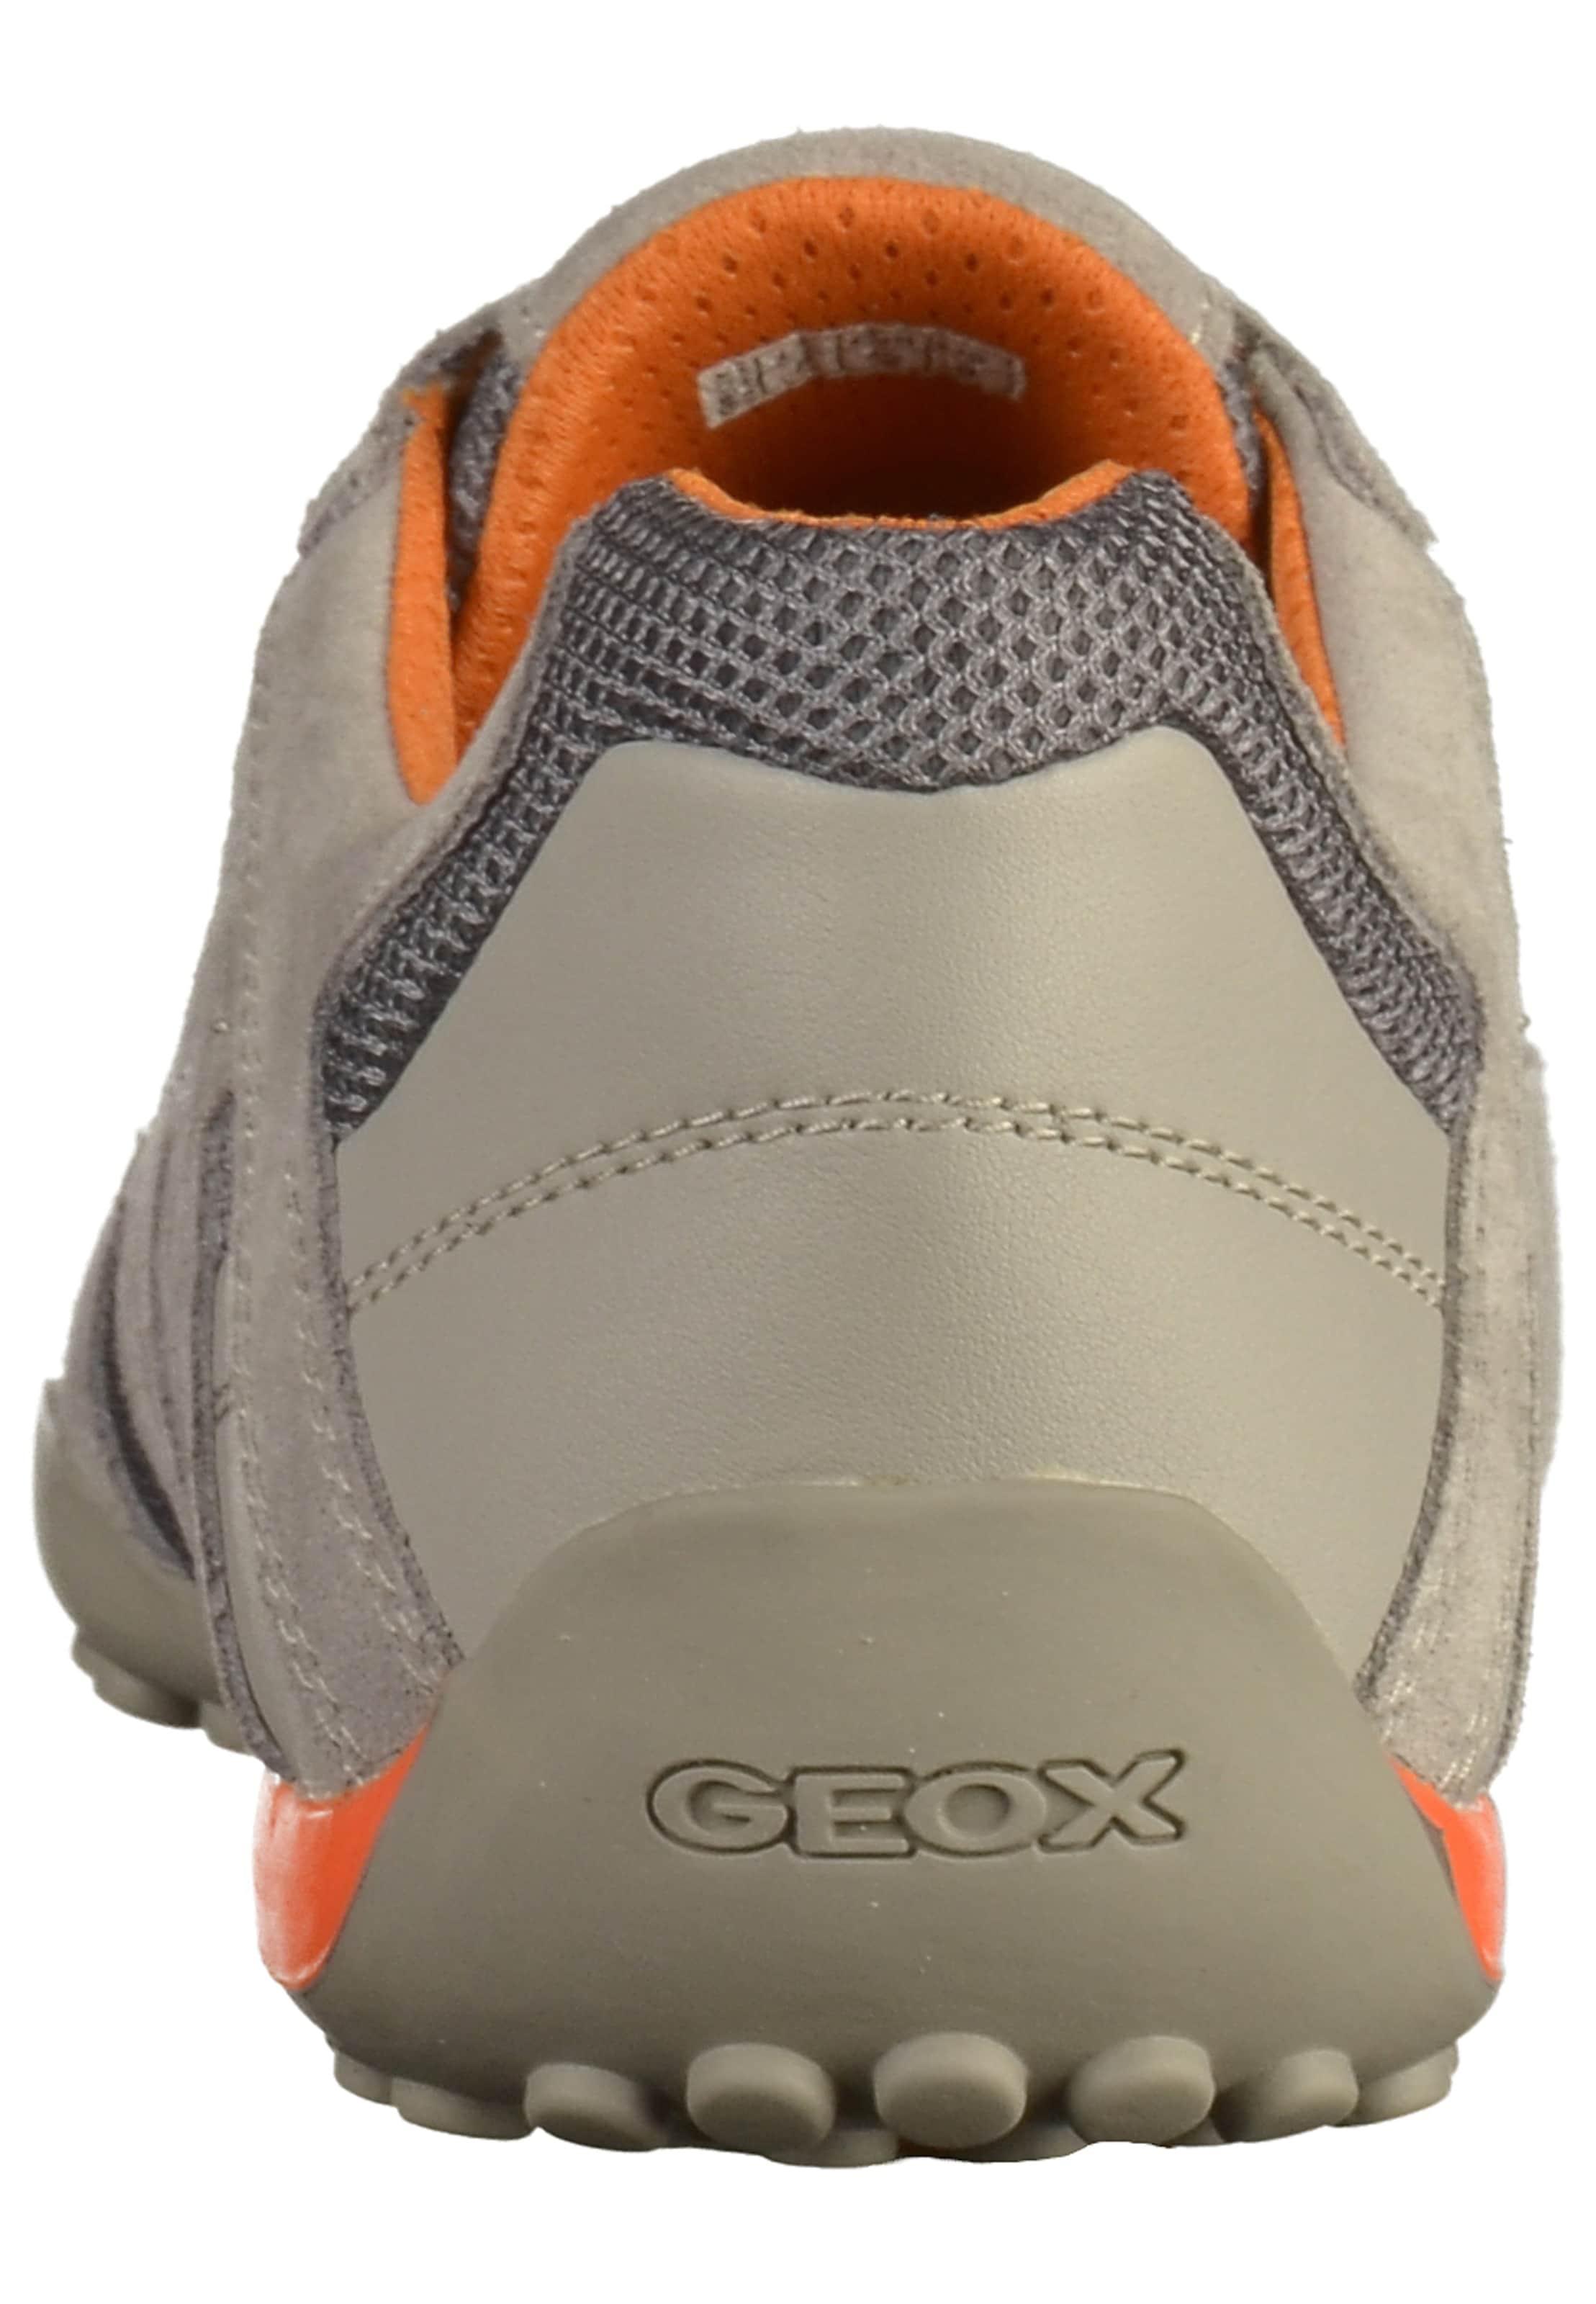 Sneaker Dunkelorange Geox In BeigeRauchgrau Geox nv8ym0wNO